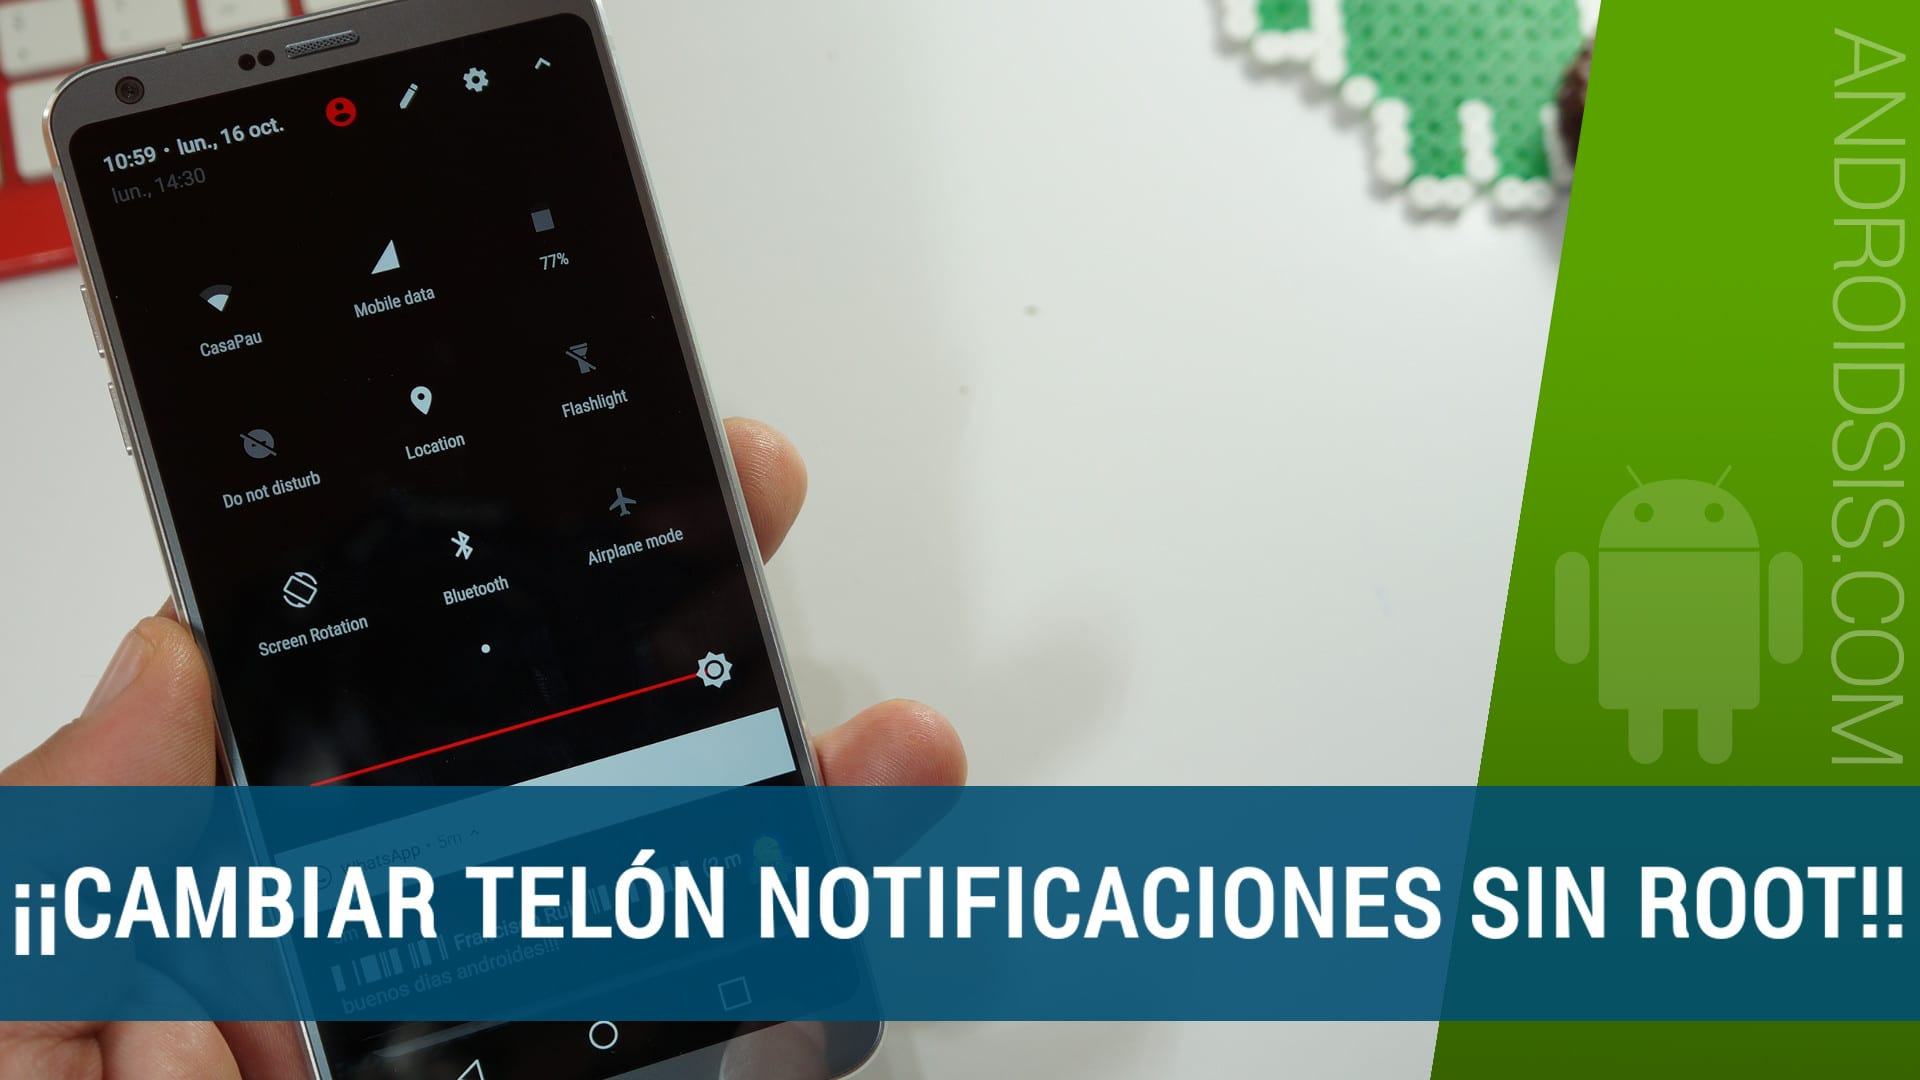 Personalización Android: Hoy, cómo cambiar telón notificaciones sin ROOT